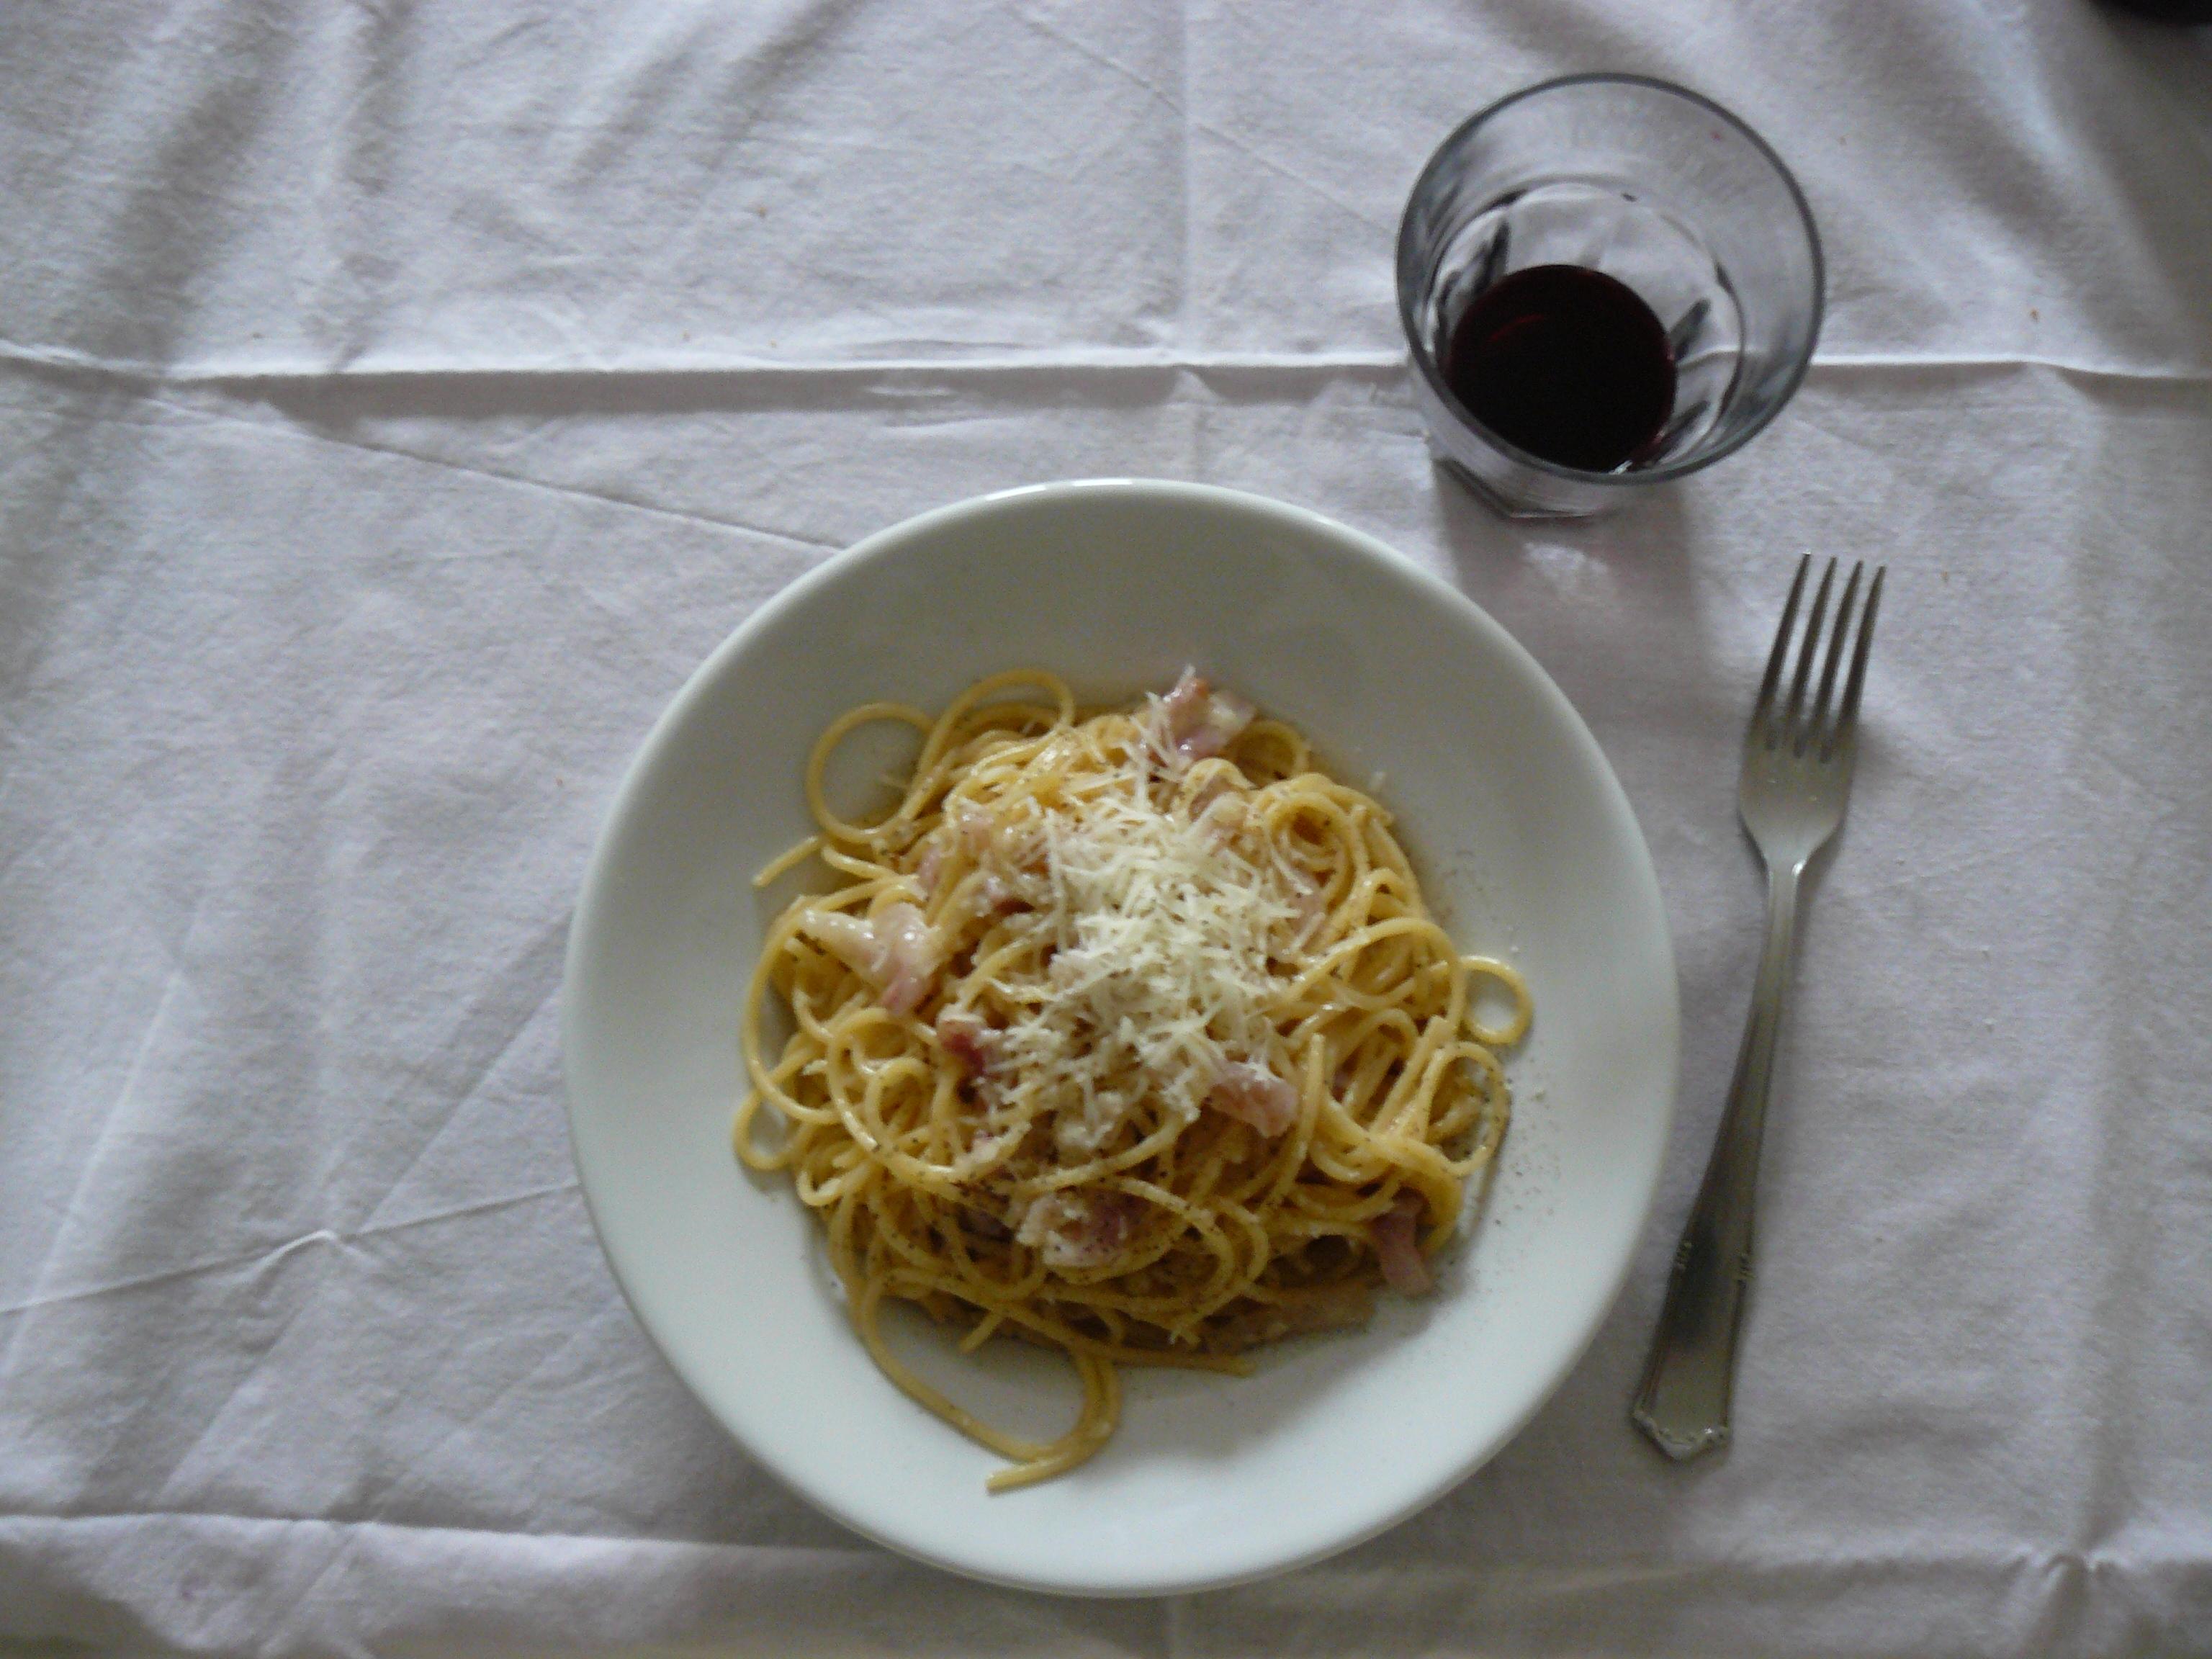 pasta guanciale cooking water pecorino romano and black pepper alla